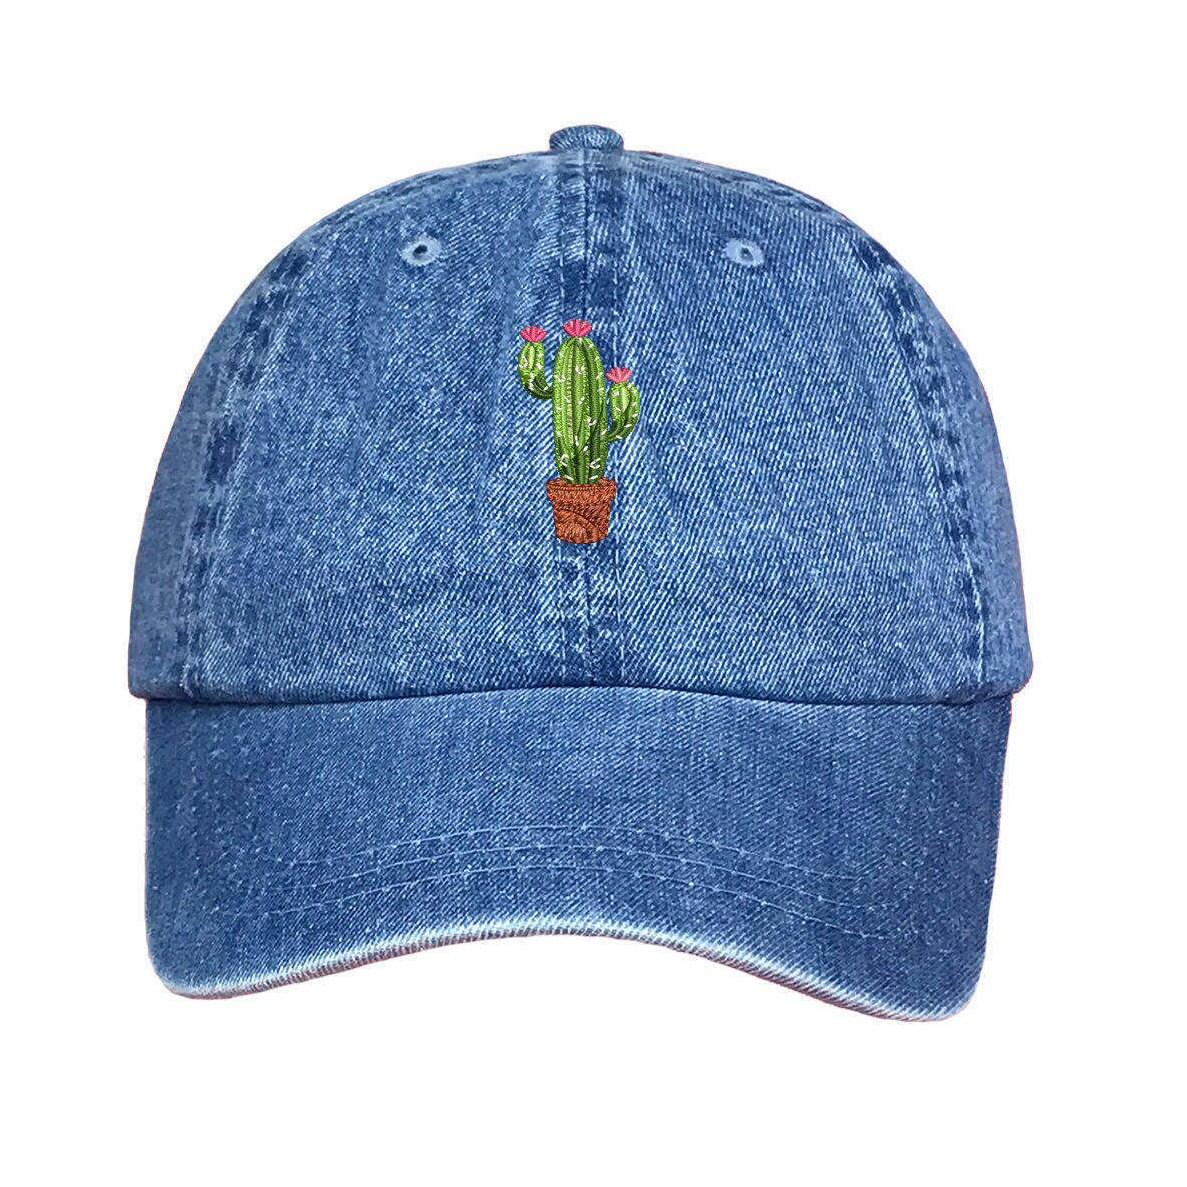 CACTUS FLOWER Dad Hat Succulents Baseball Caps Plant Caps Cactus Pot Gift  Prickly Cactus Hat Cacti Tumblr Dad Hat 6cdc912f126a